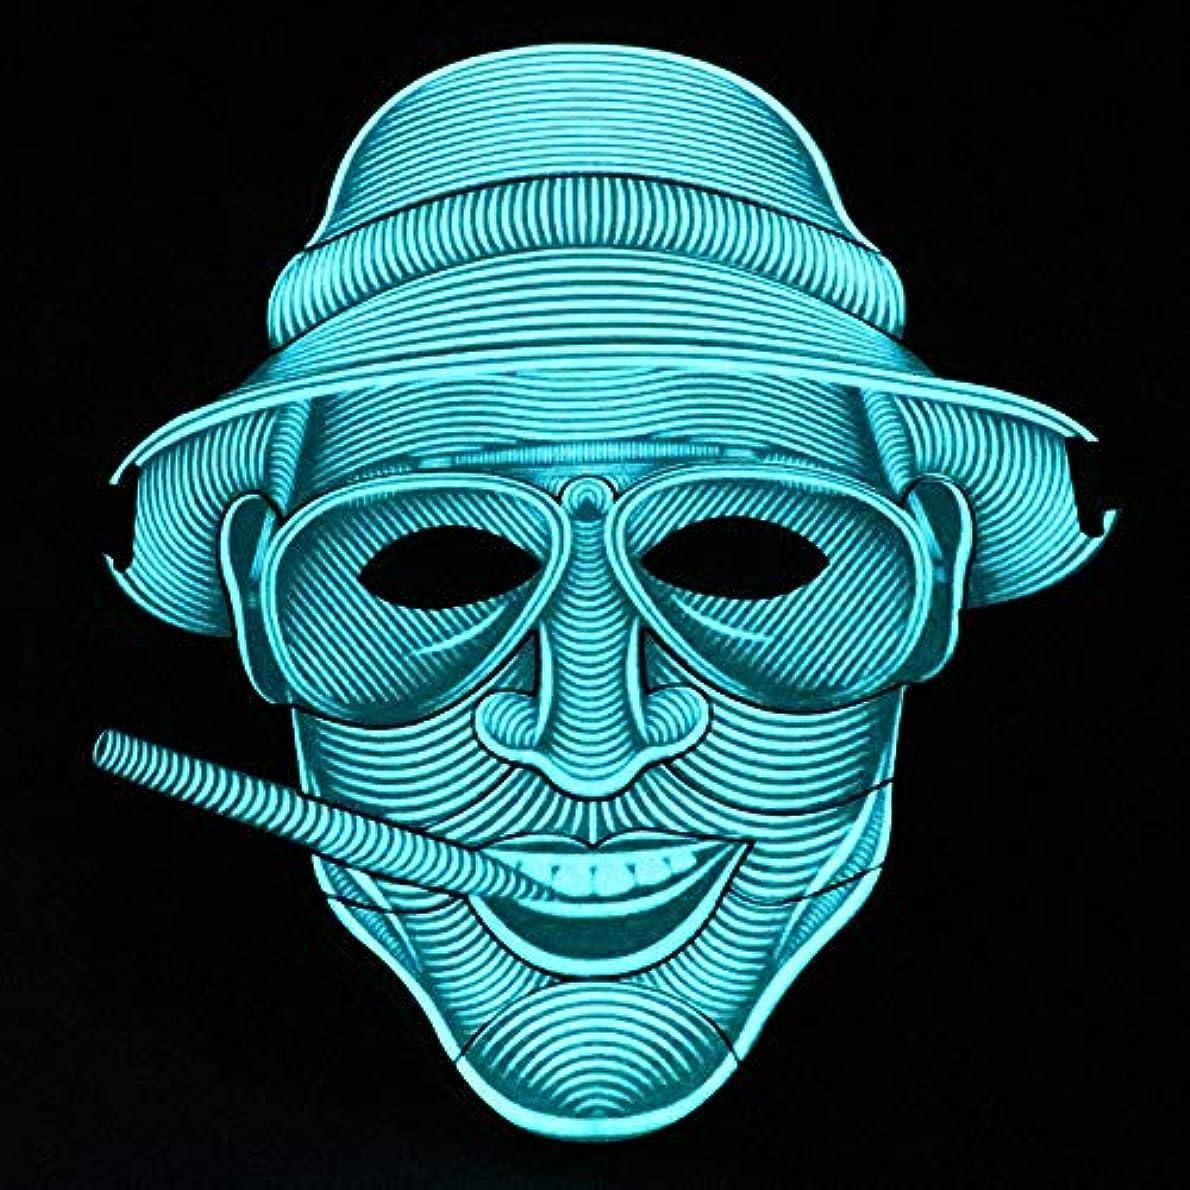 眉をひそめるセブンマッシュ照らされたマスクLED創造的な冷光音響制御マスクハロウィンバーフェスティバルダンスマスク (Color : #14)